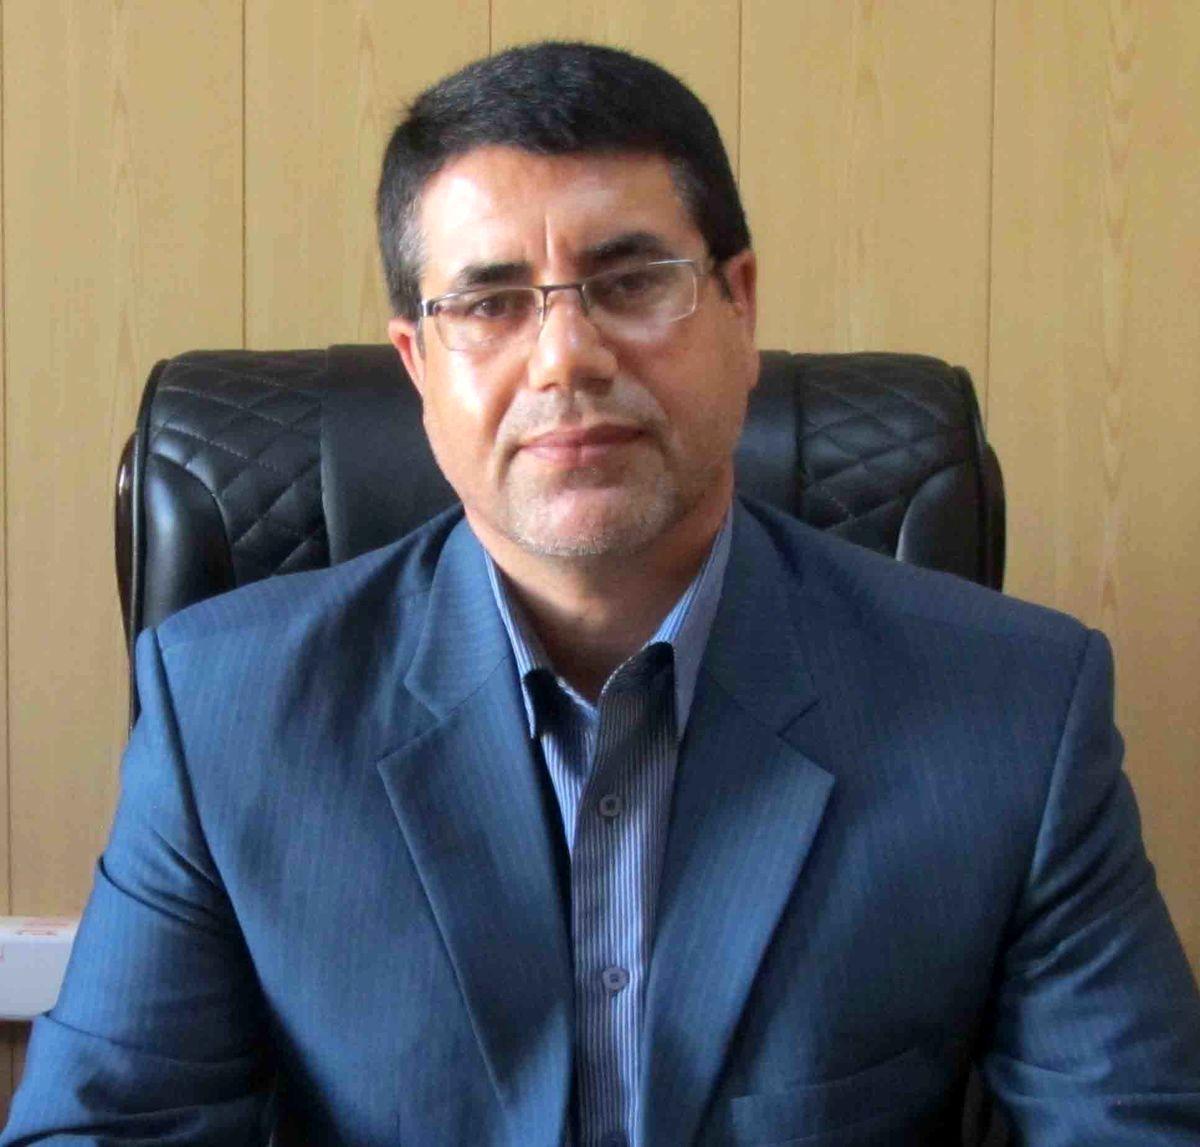 آغاز ثبت نام داوطلبان انتخابات شوراهای اسلامی روستا در چرداول